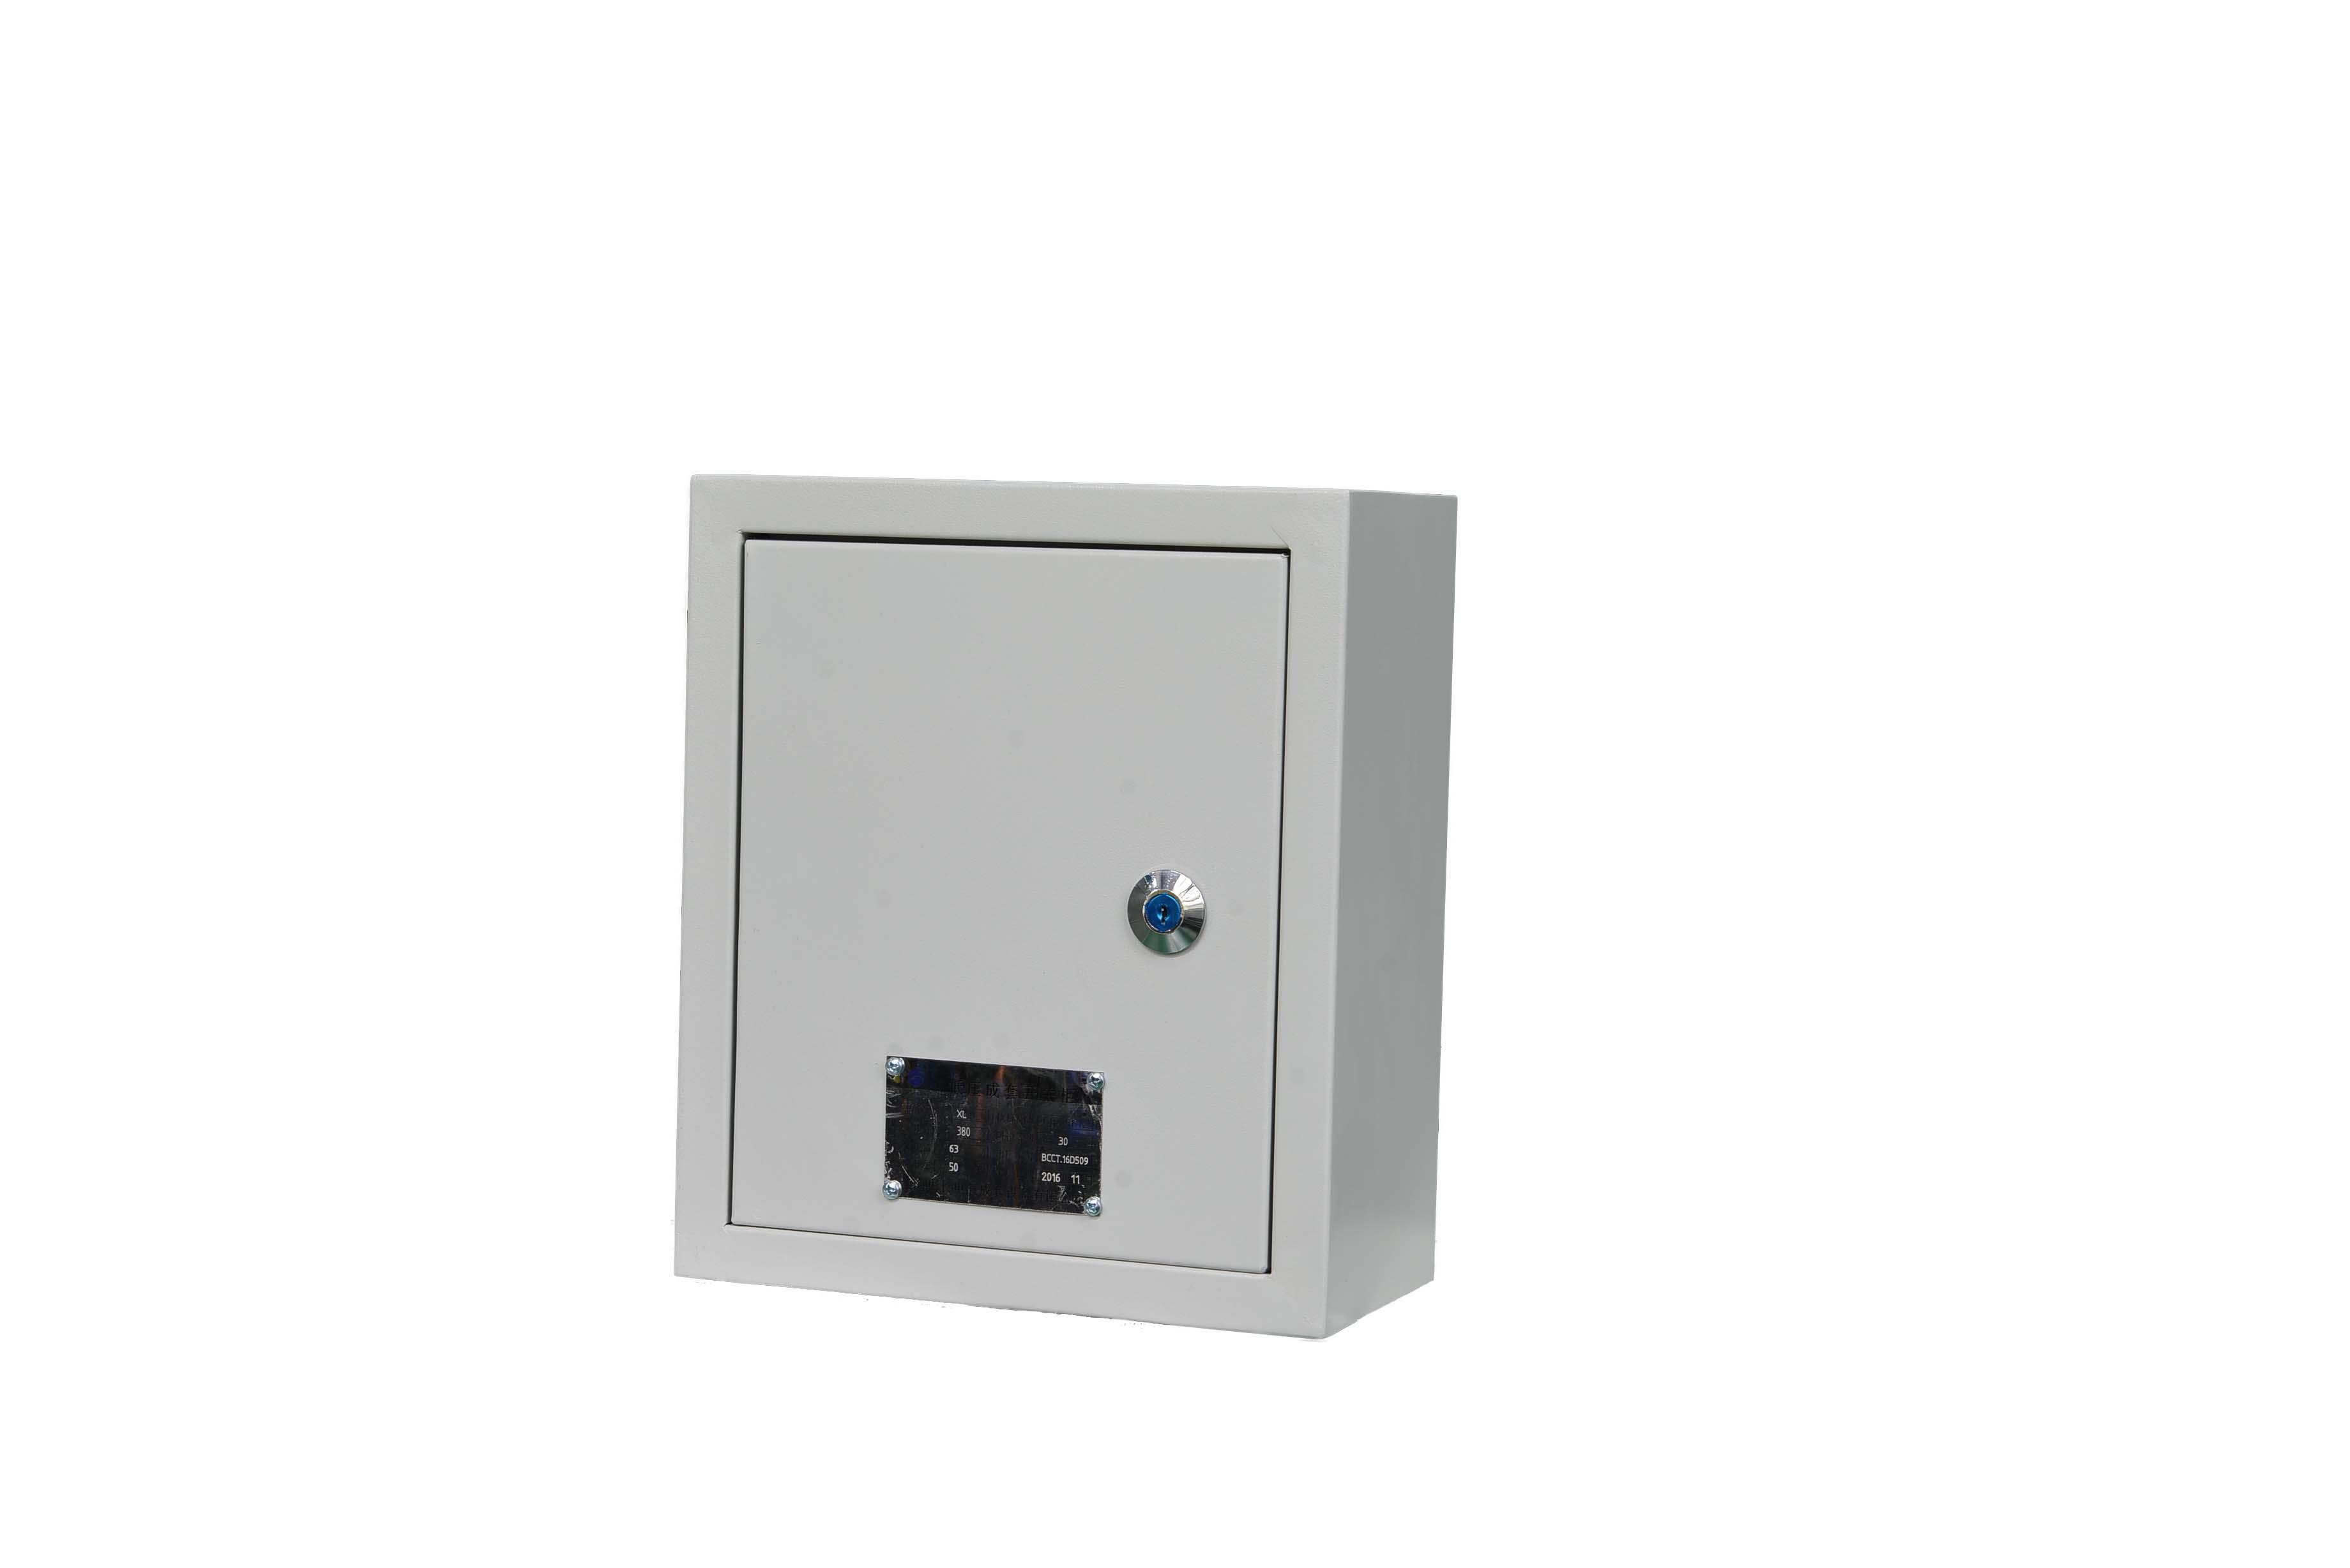 低压配电熔丝箱